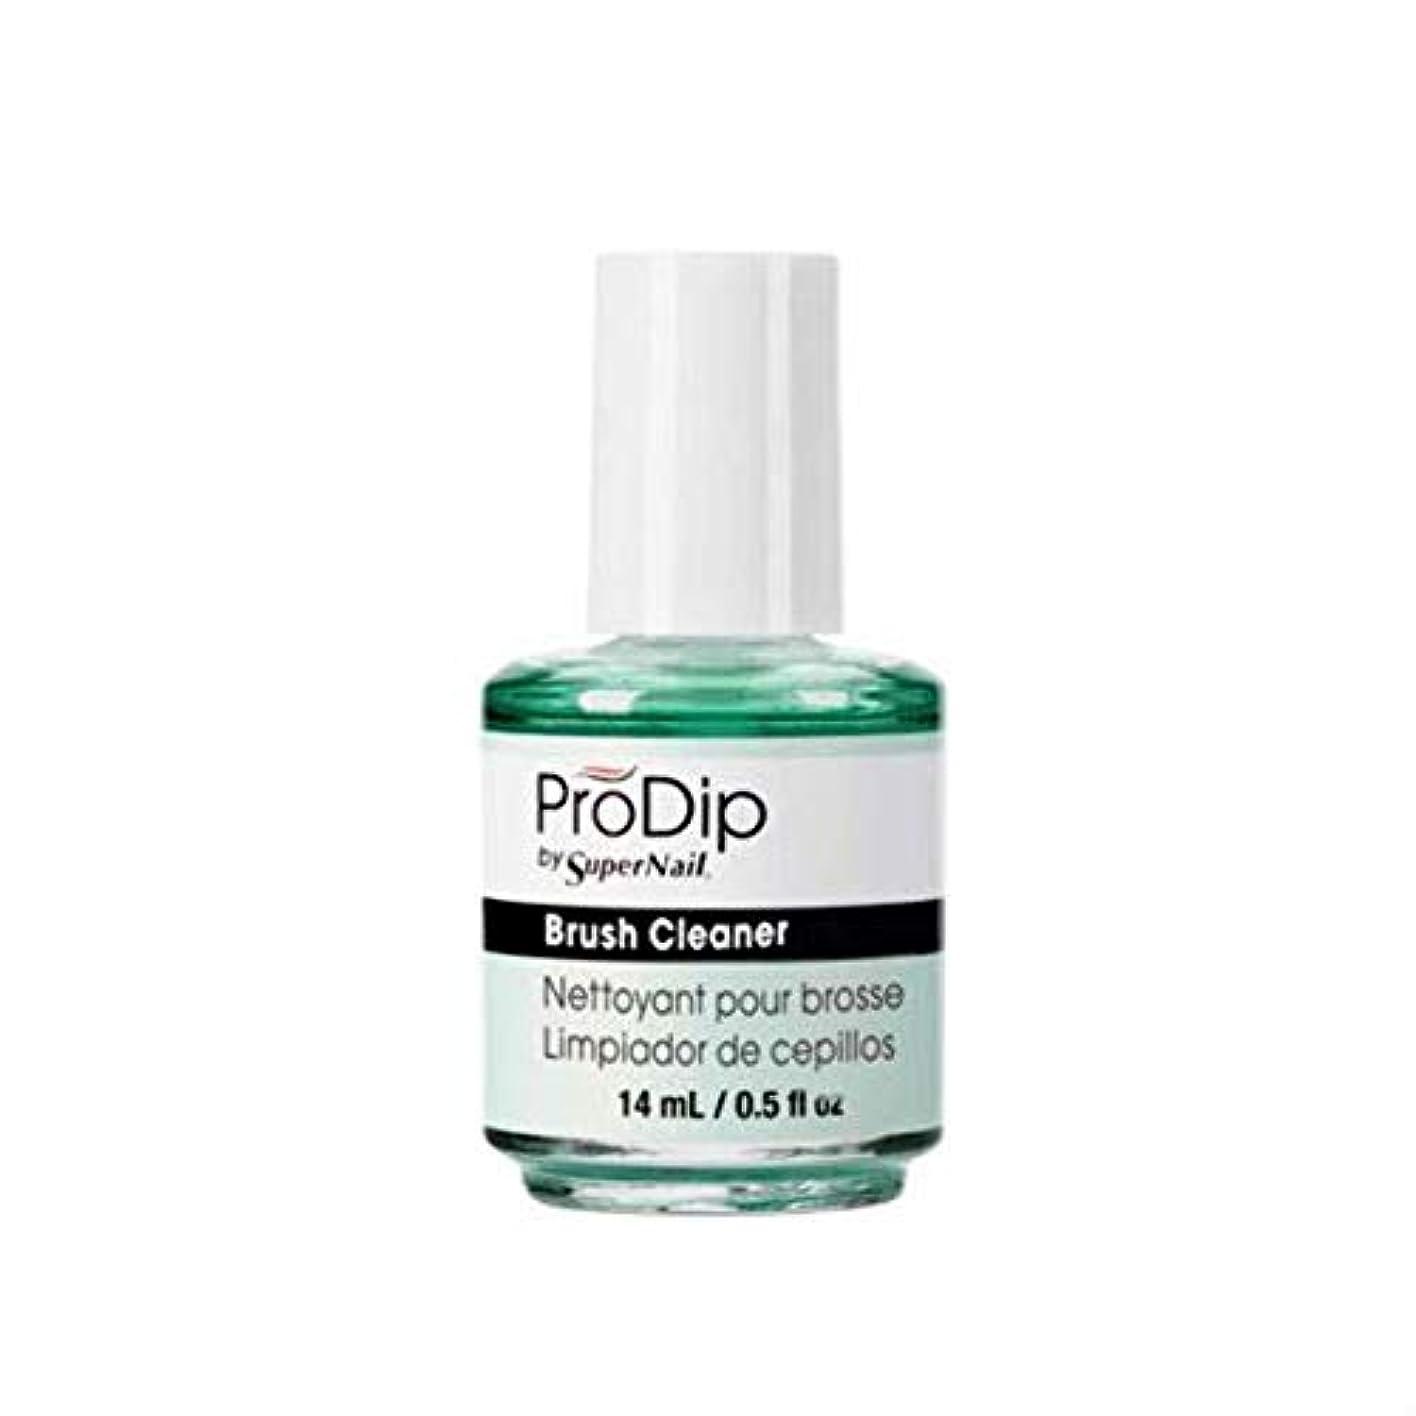 SuperNail ProDip - Brush Cleaner - 14 ml/0.5 oz